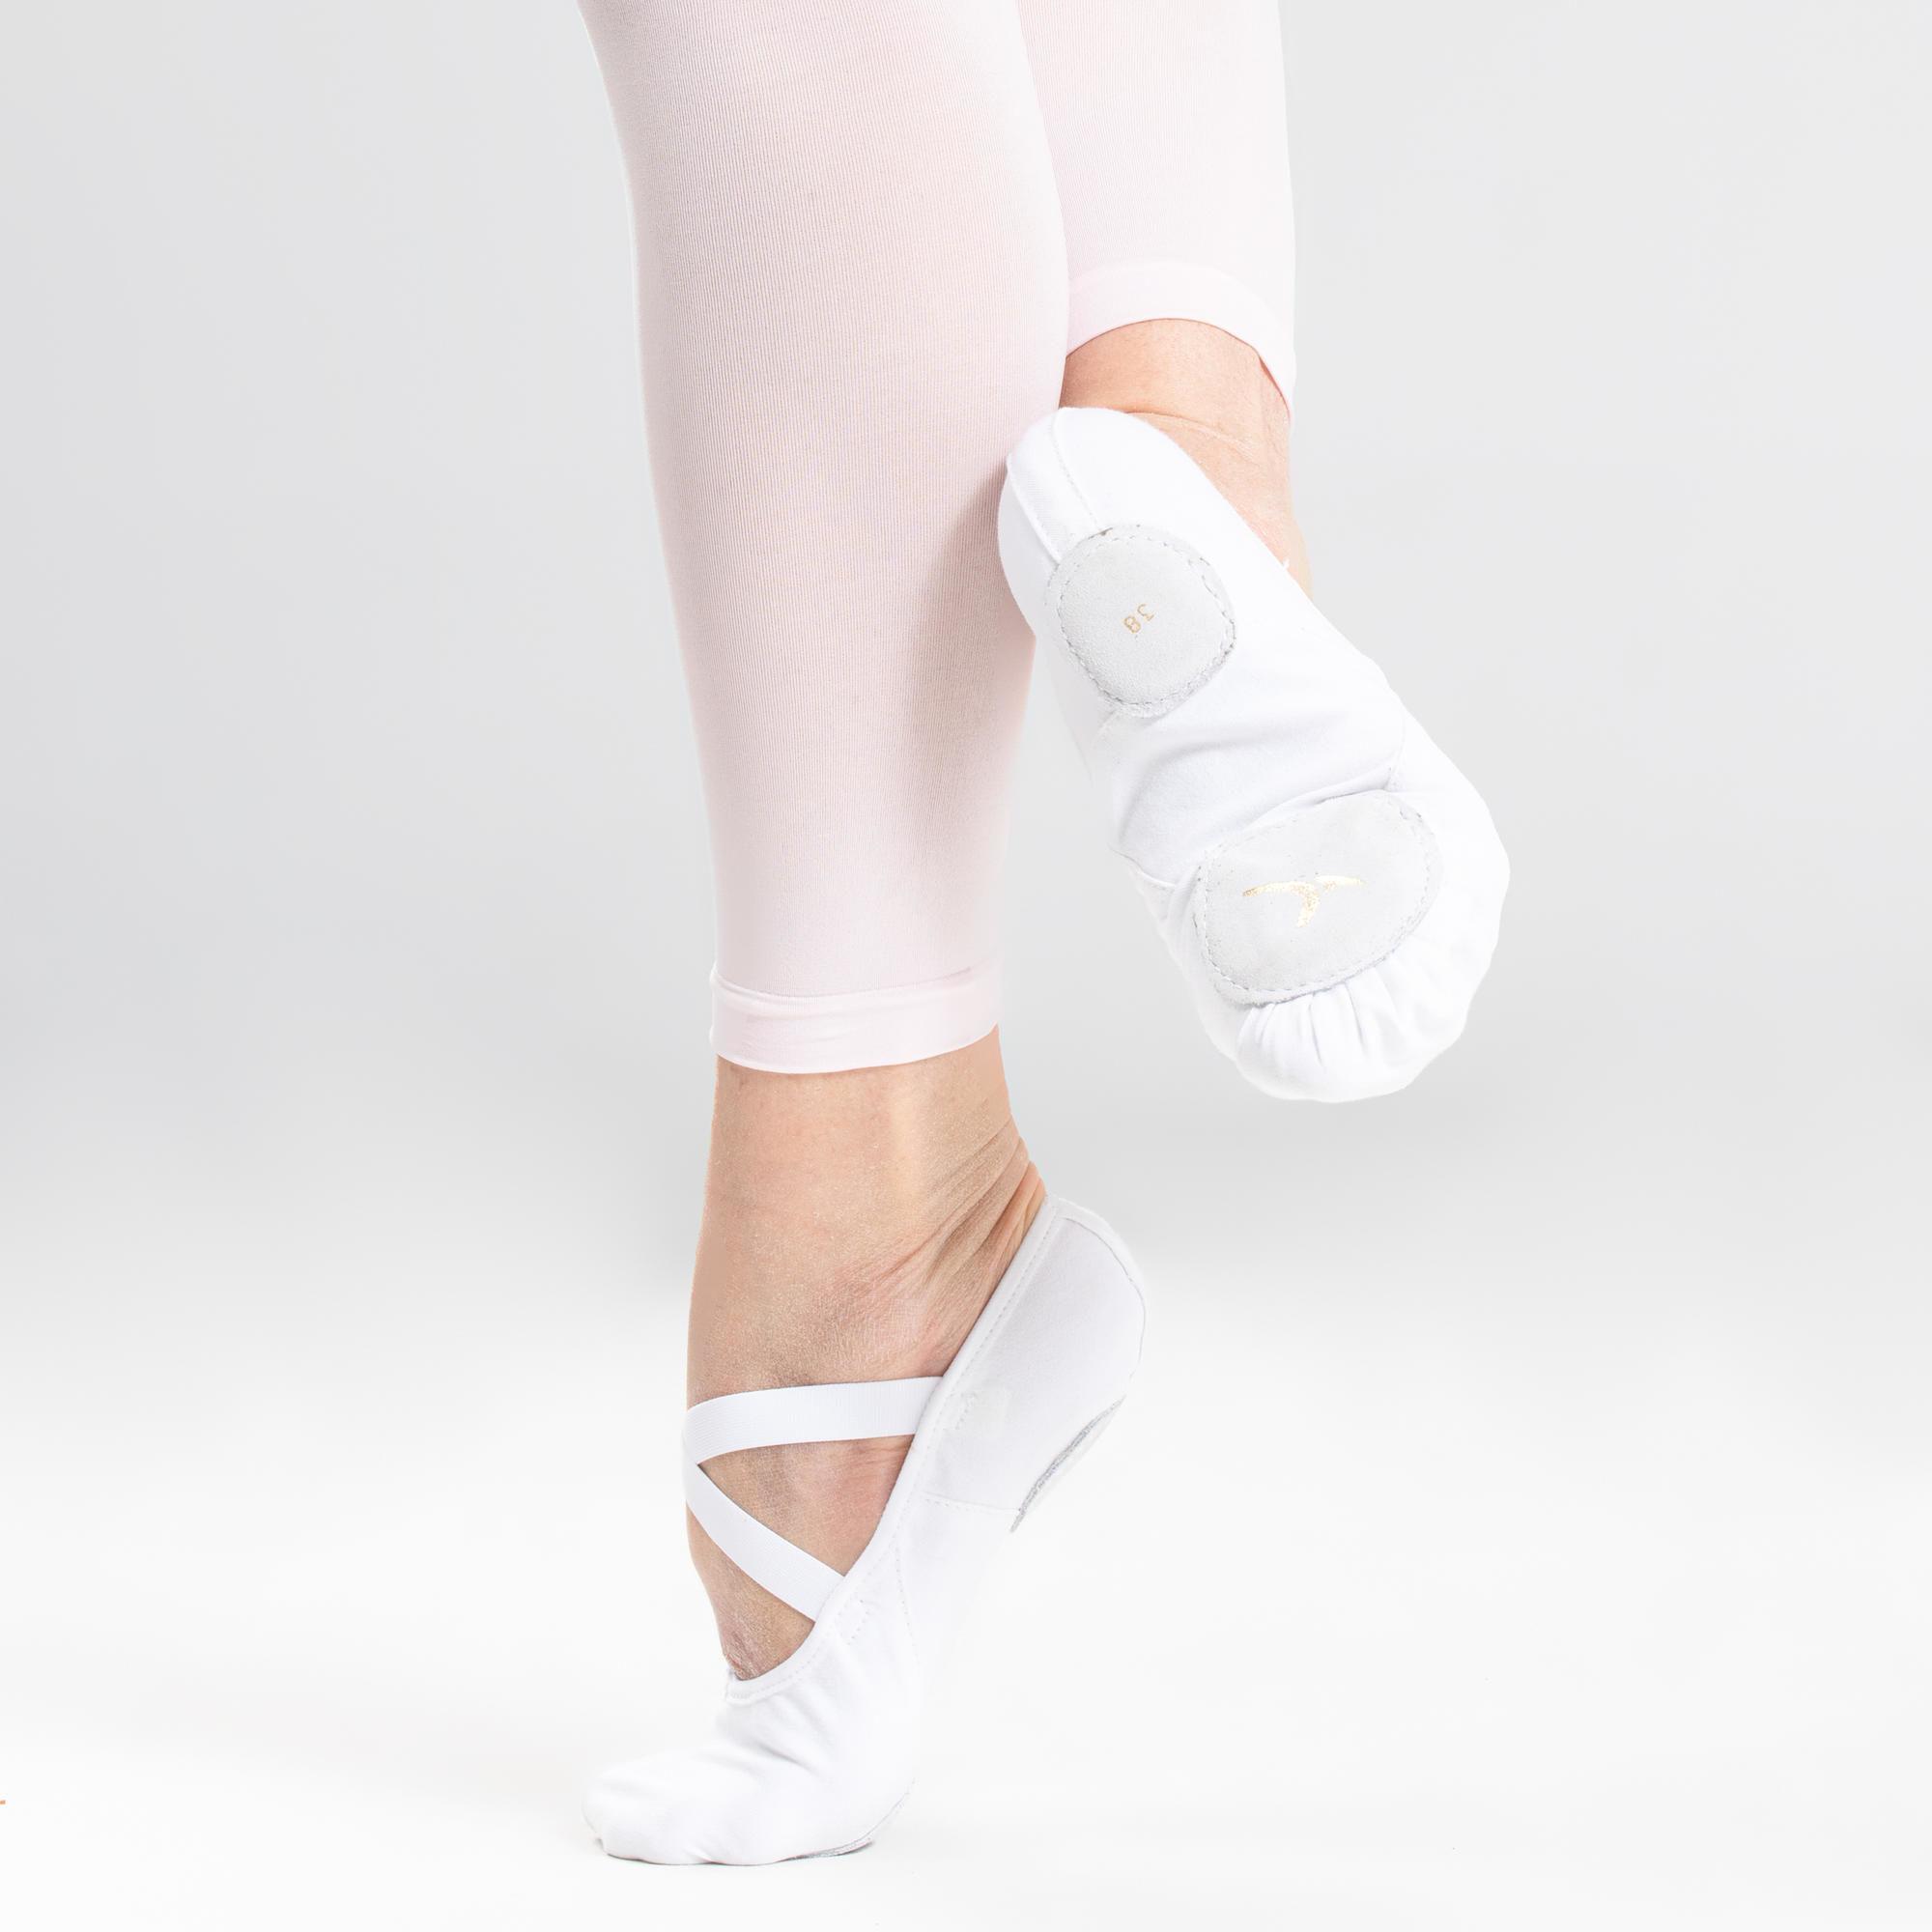 Baletki do tańca klasycznego dwudzielne płócienne białe rozm. 41-42